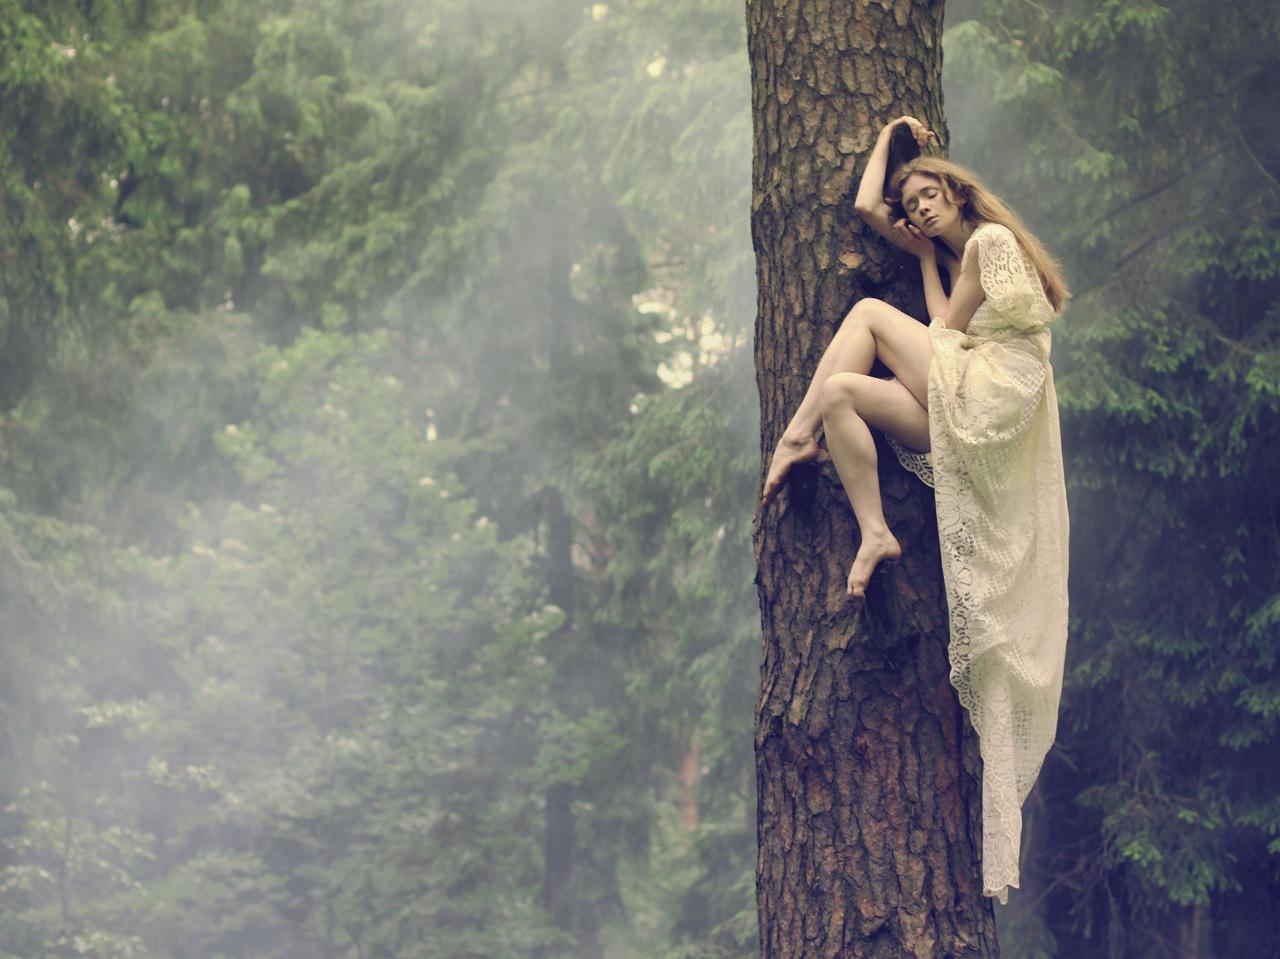 Прижался к девушке в лесу рассказ 14 фотография